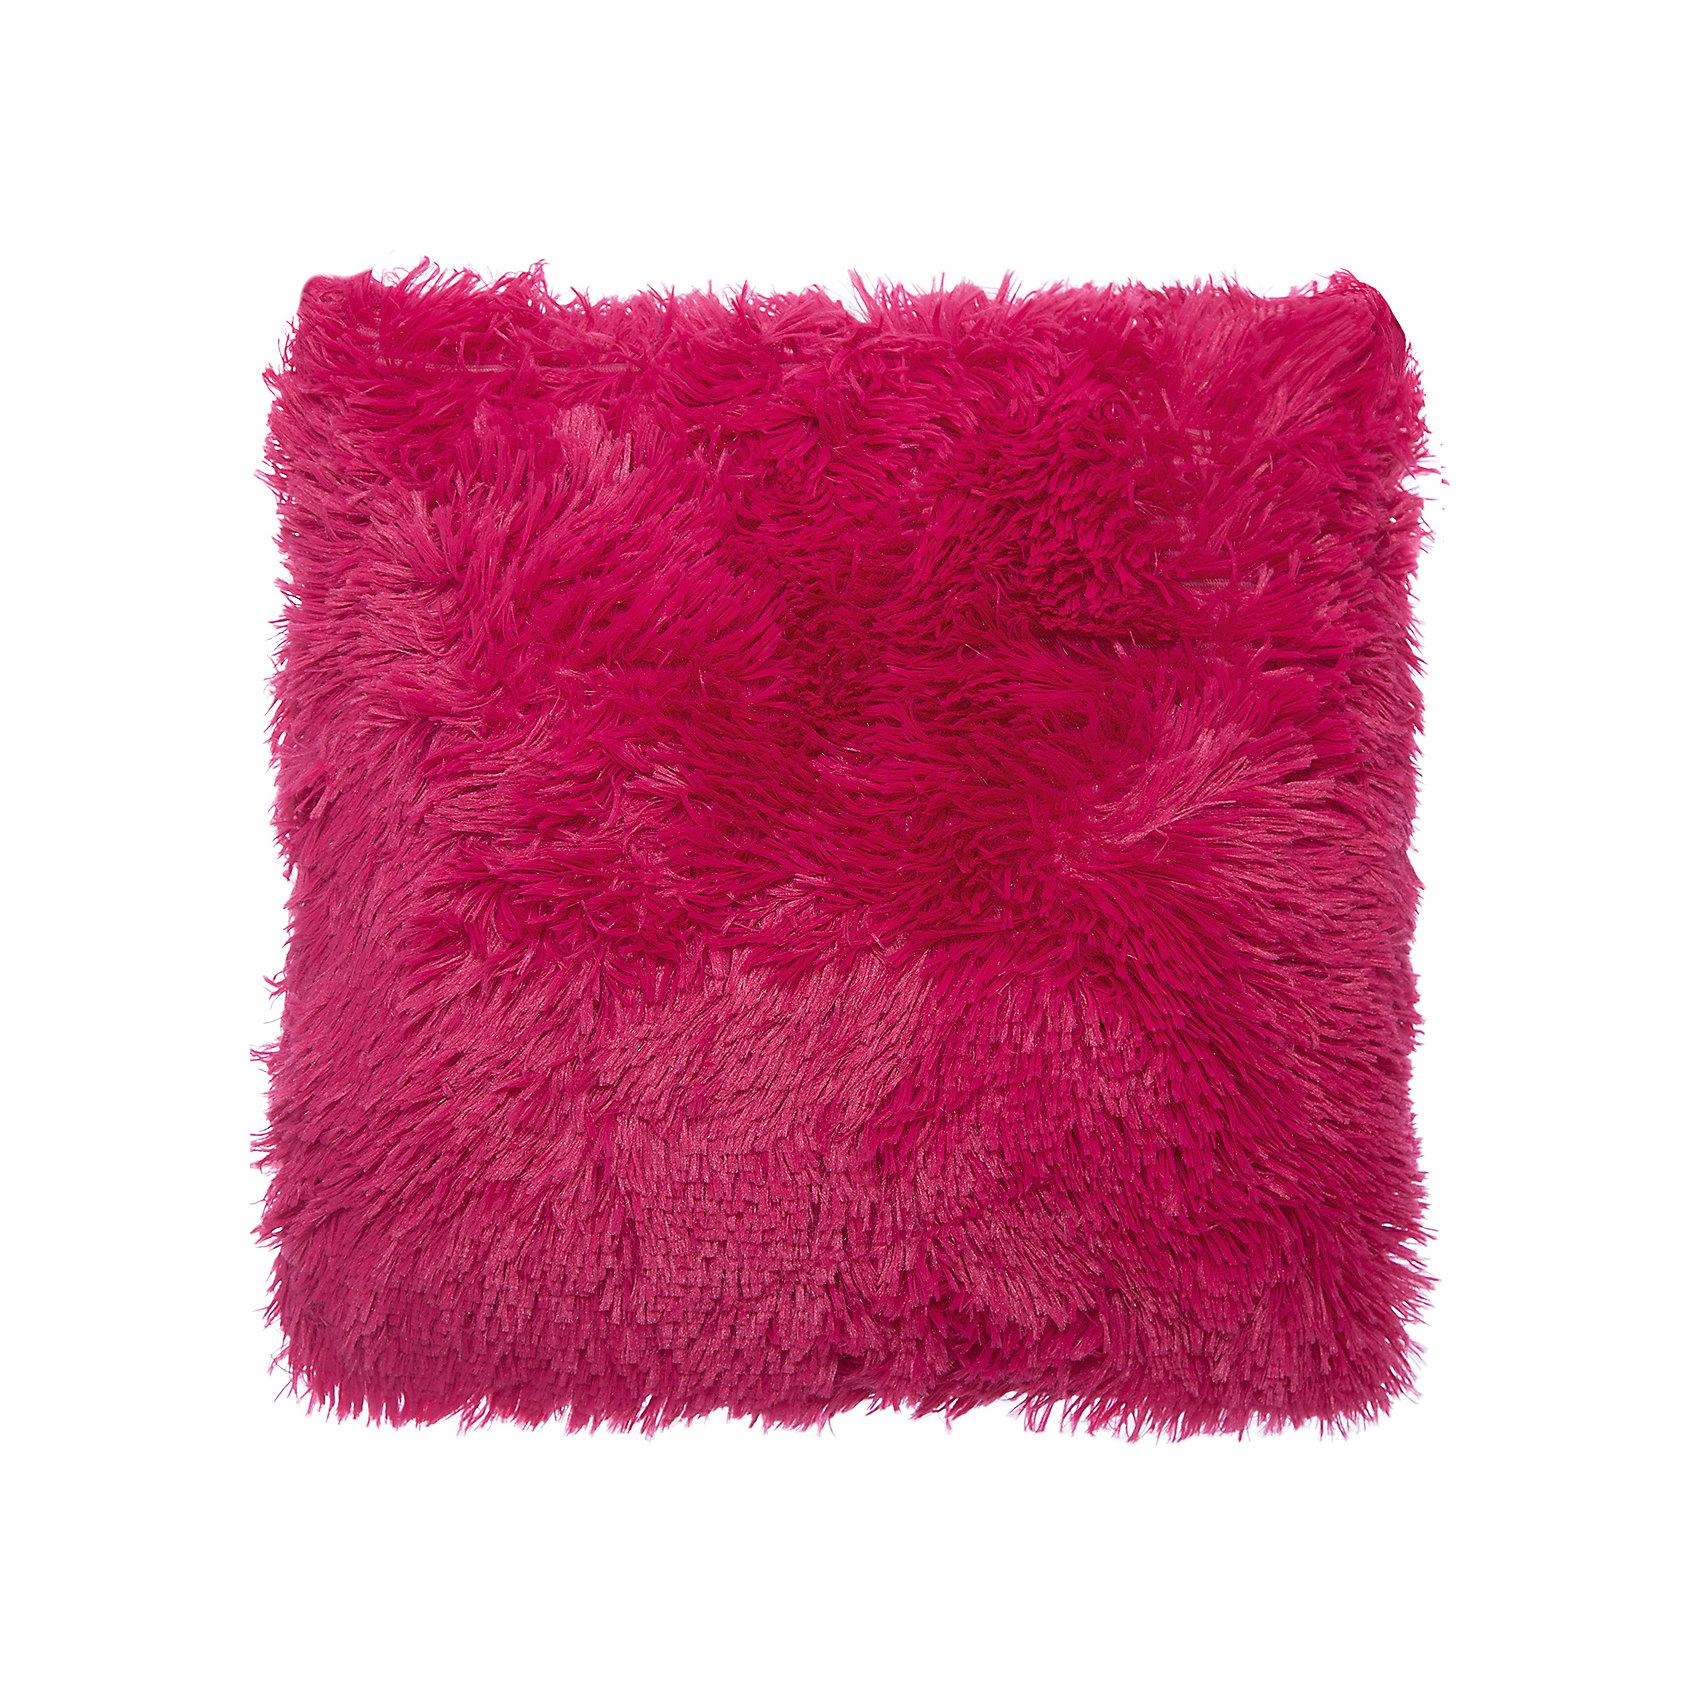 Подушка 45*45 Trendy, Унисон, malinaДомашний текстиль<br>Подушка 45*45 Унисон Trendy malina – красивое дополнение в вашу спальню. <br>Небольшая декоративная подушка сделана из качественных материалов. Украшена изнаночной микрофиброй под эффект «травы». Несмотря на надежность материалов, рекомендуется стирать при температуре не выше 30 градусов, не используя отбеливатель. Сушить при низкой или средней температуре. <br><br>Дополнительная информация:<br><br>Размер: 45*45<br>Материал: силиконизированное волокно<br><br>Подушку 45*45 Унисон Trendy malina можно купить в нашем интернет магазине.<br><br>Ширина мм: 270<br>Глубина мм: 90<br>Высота мм: 370<br>Вес г: 200<br>Возраст от месяцев: 36<br>Возраст до месяцев: 84<br>Пол: Унисекс<br>Возраст: Детский<br>SKU: 4905027